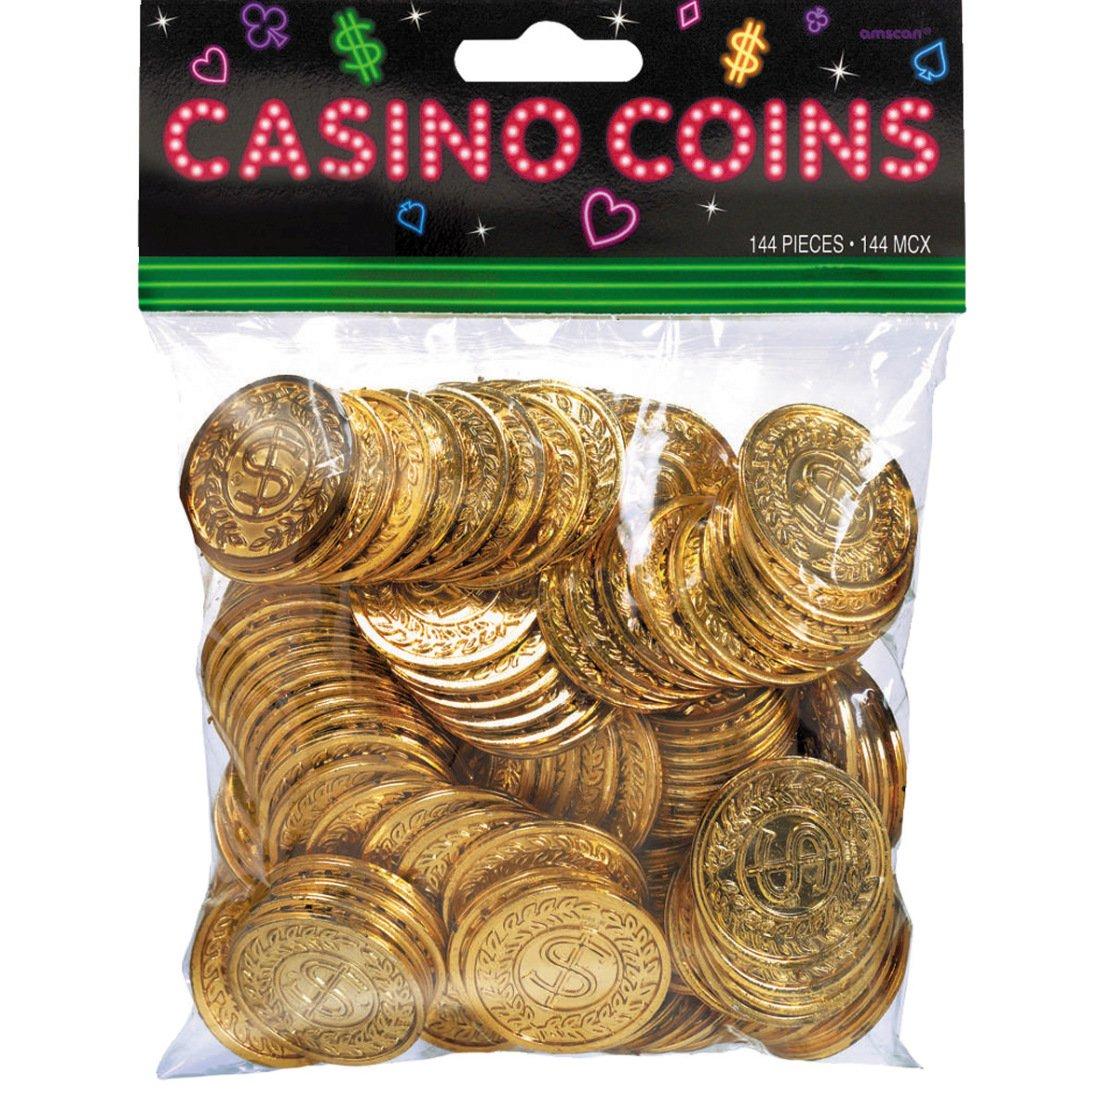 Amakando Pièces pour Machine à sous - doré | 144 Jetons de Casino | Décoration de fête Poker | l'argent du Jeu